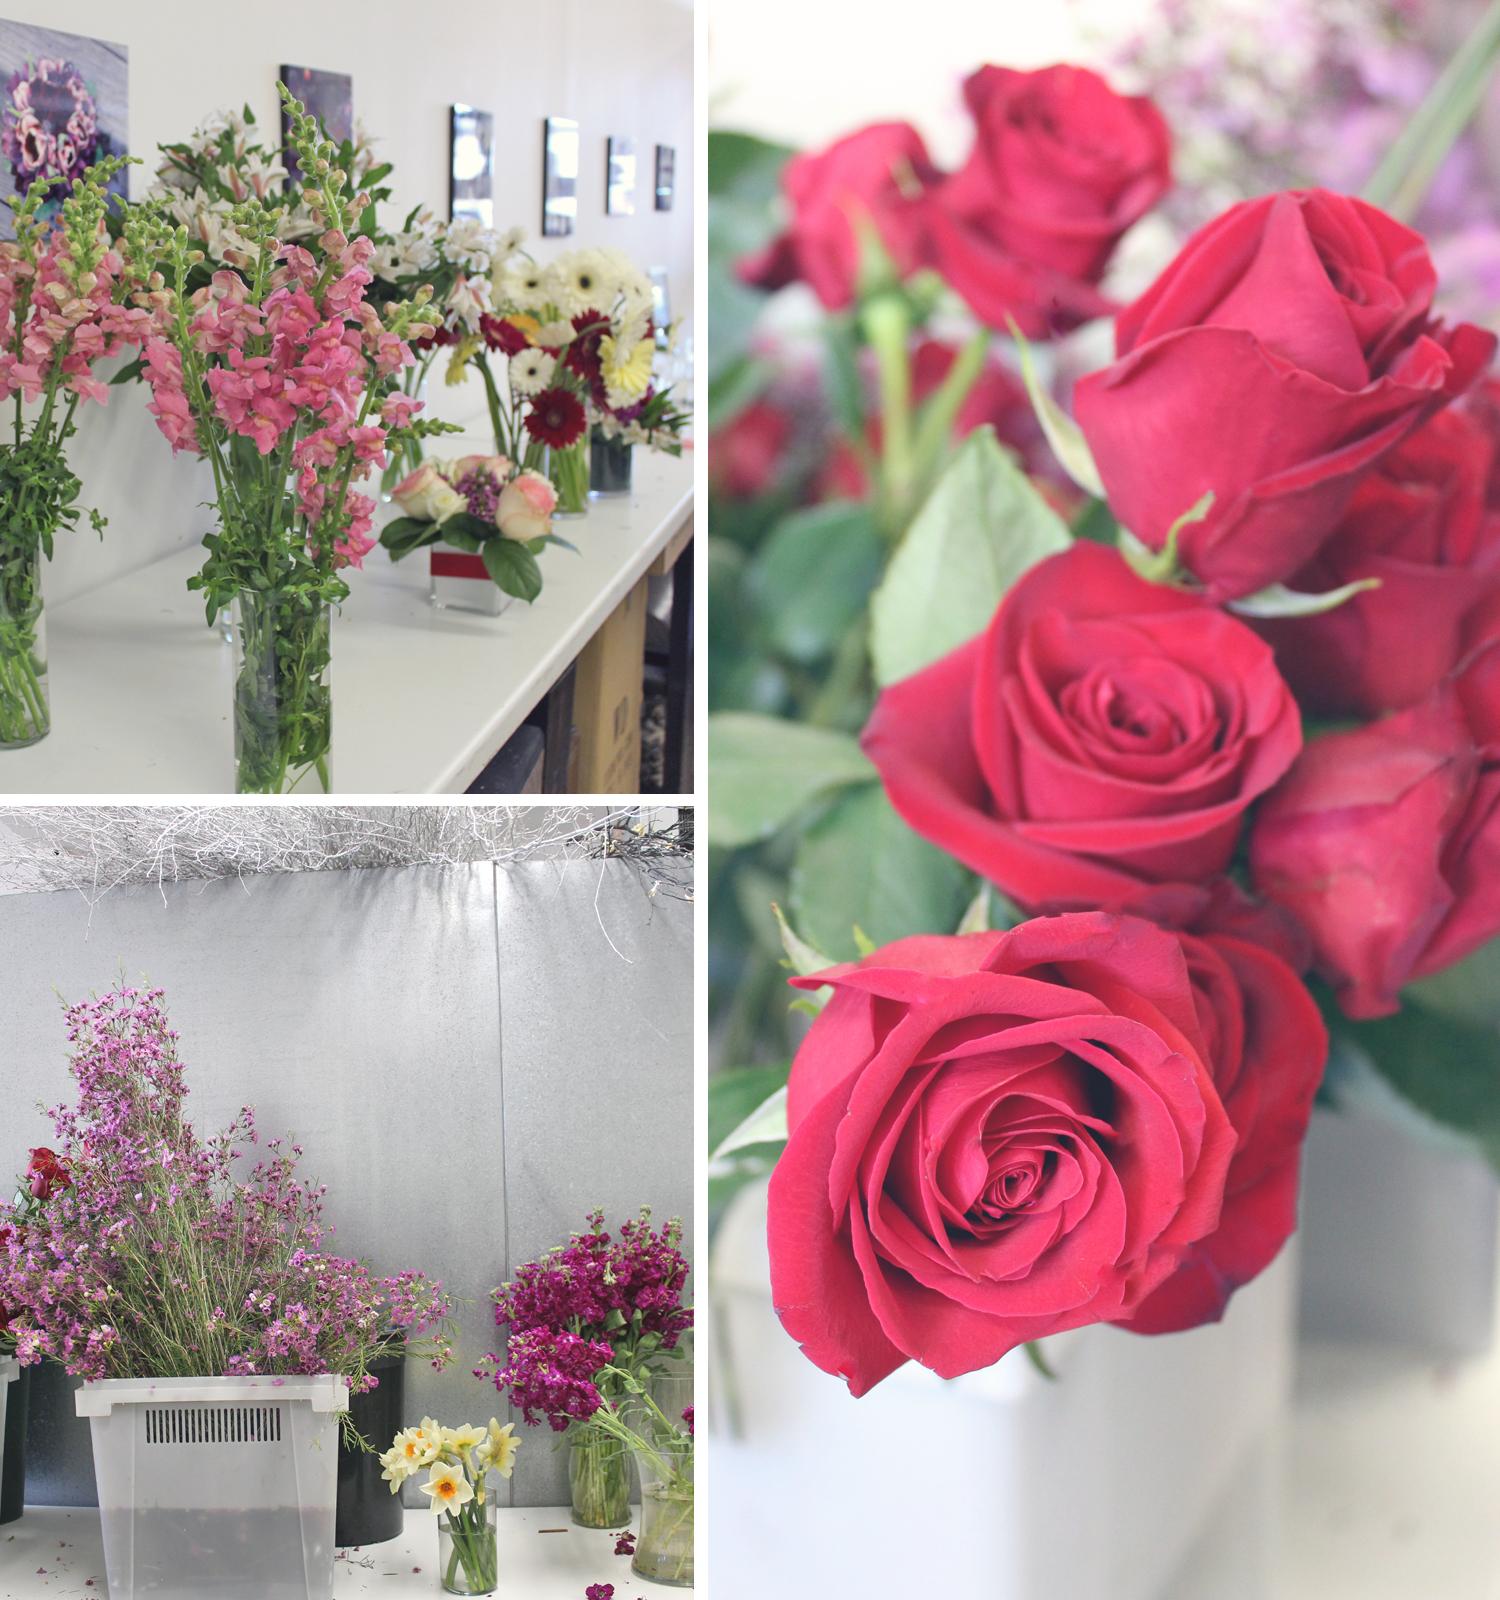 monroe-center-flowers-2